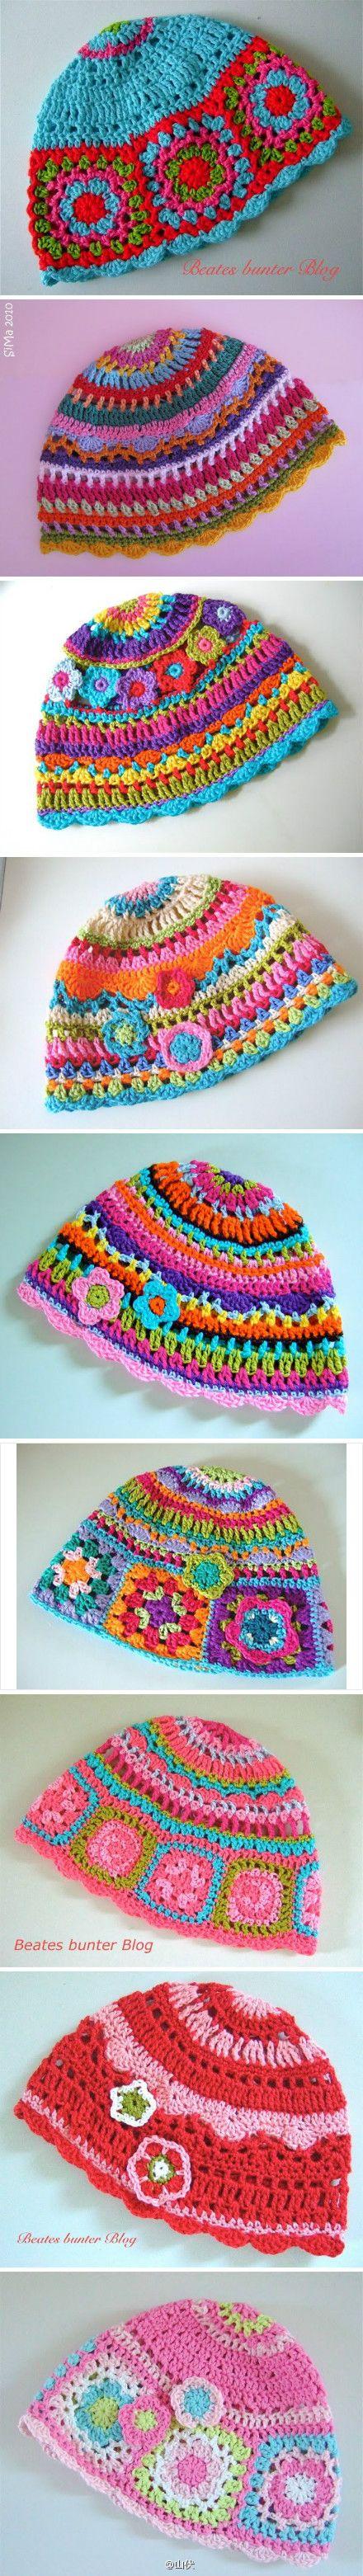 pretty crochet caps